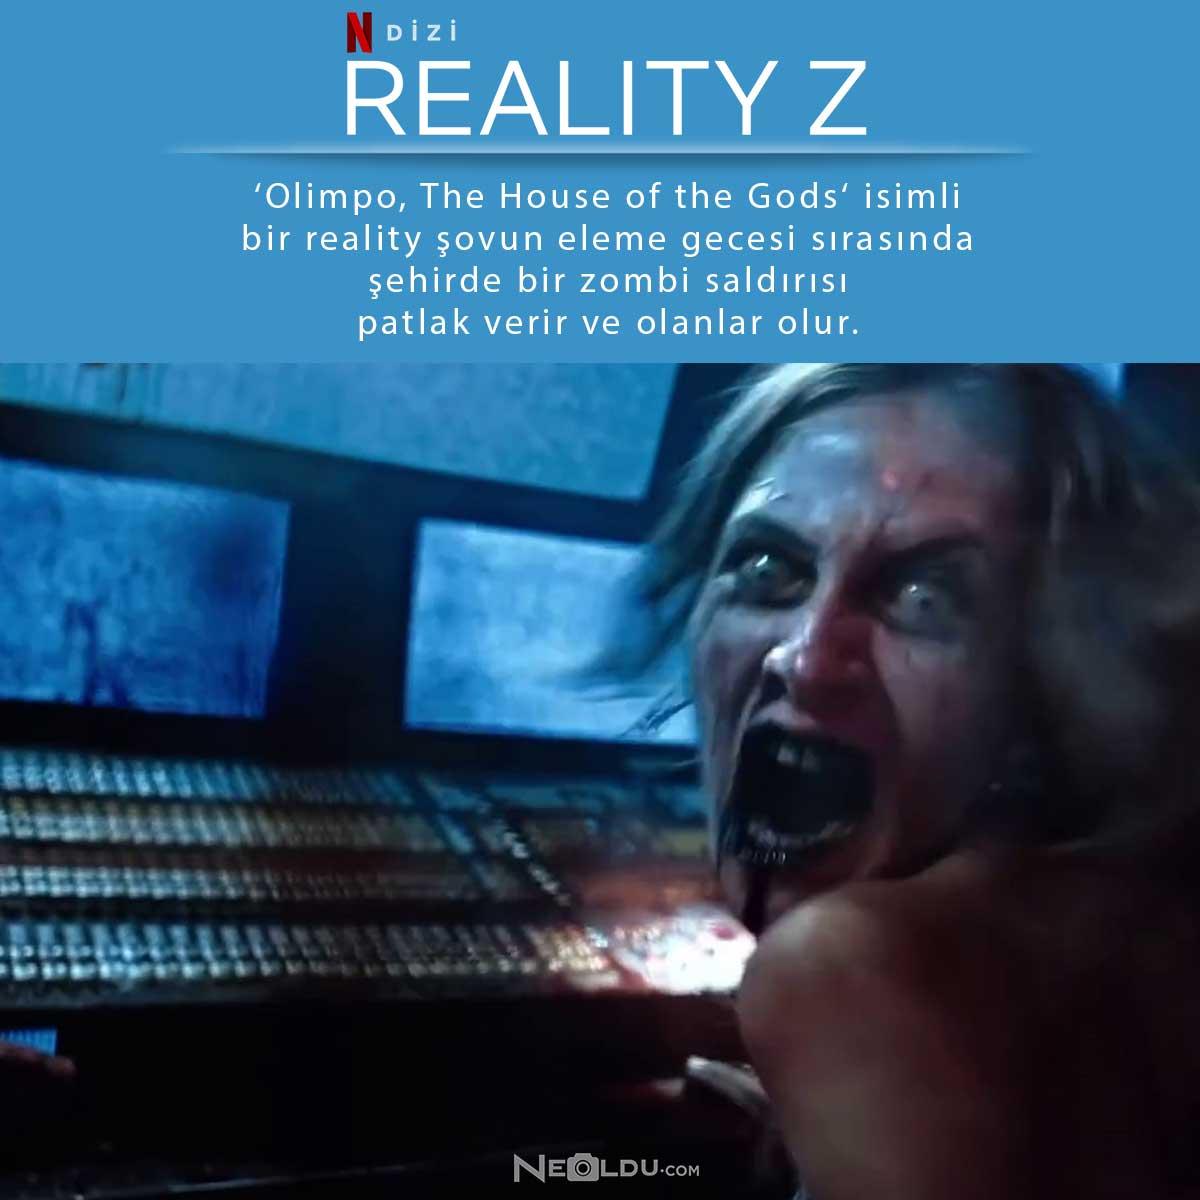 reality-z-dizisi-hakkinda-bilgi.jpg